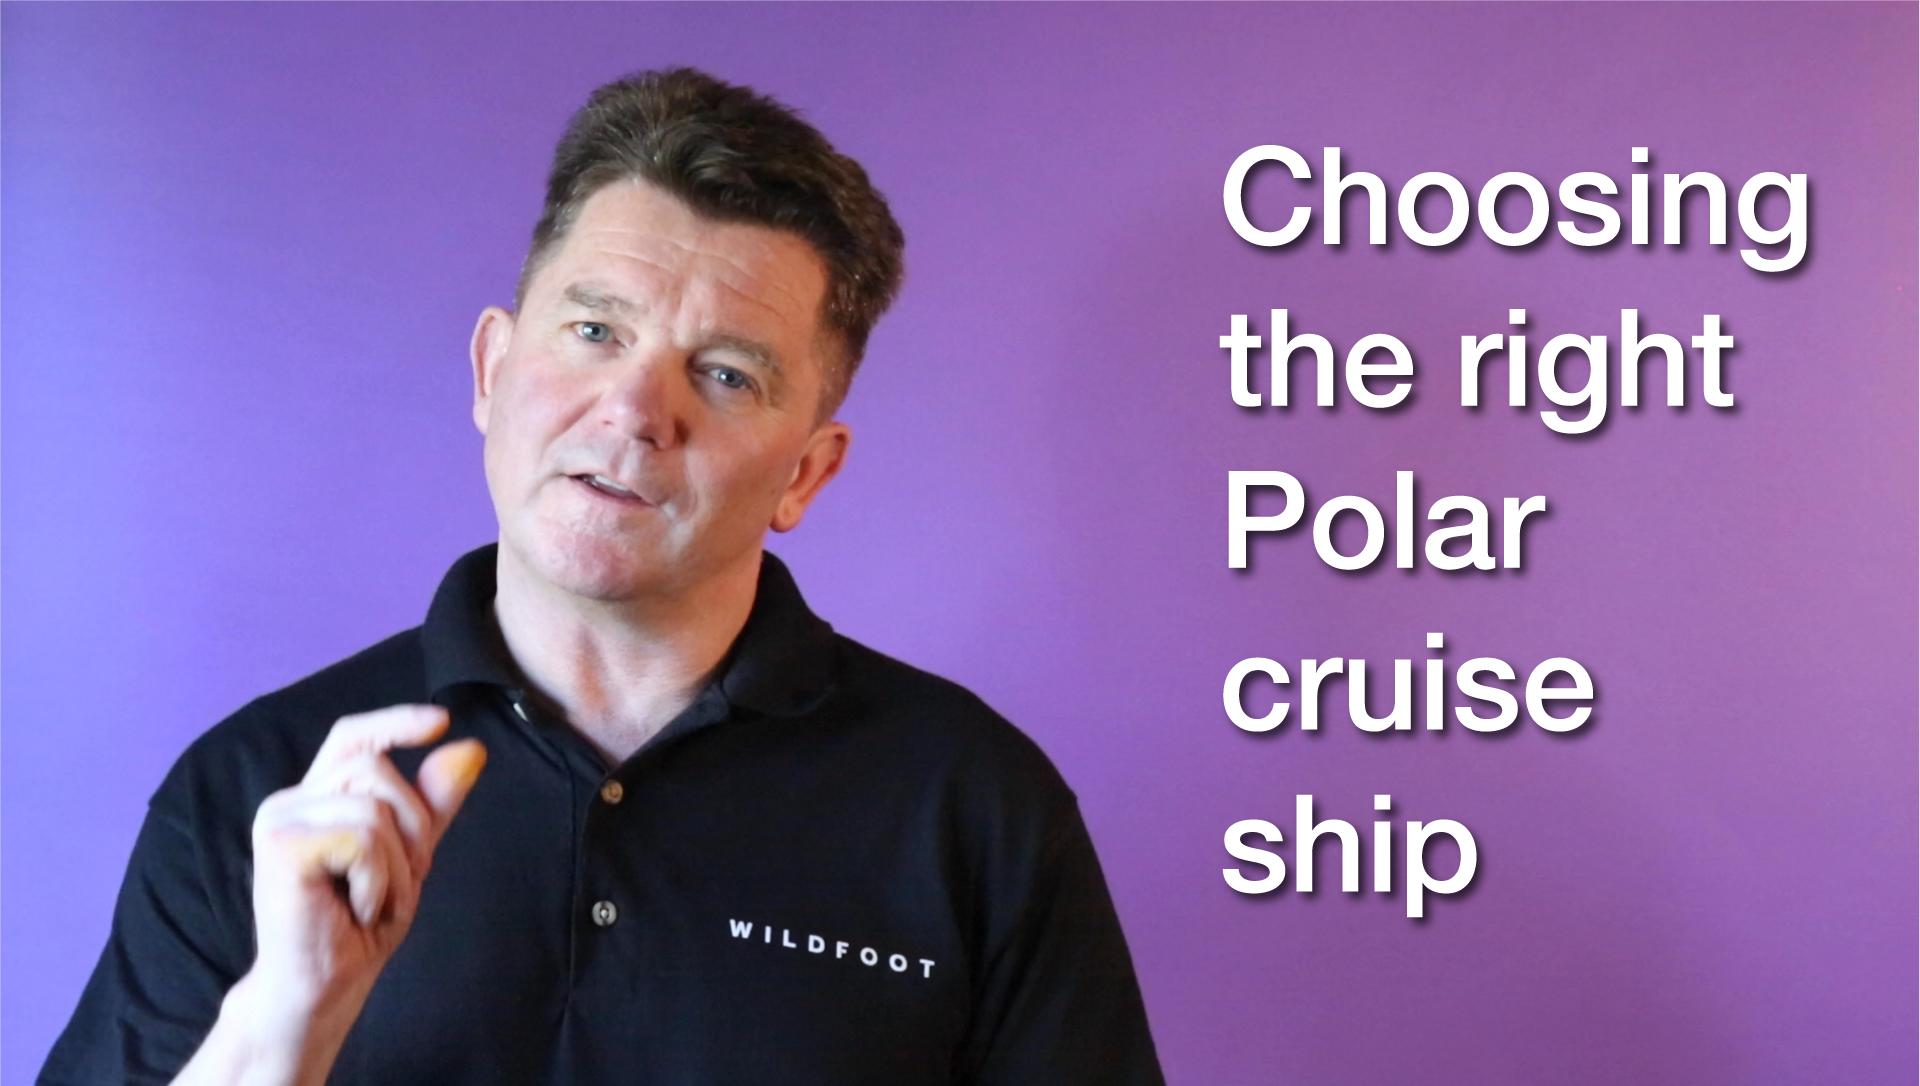 Choose a polar cruise ship